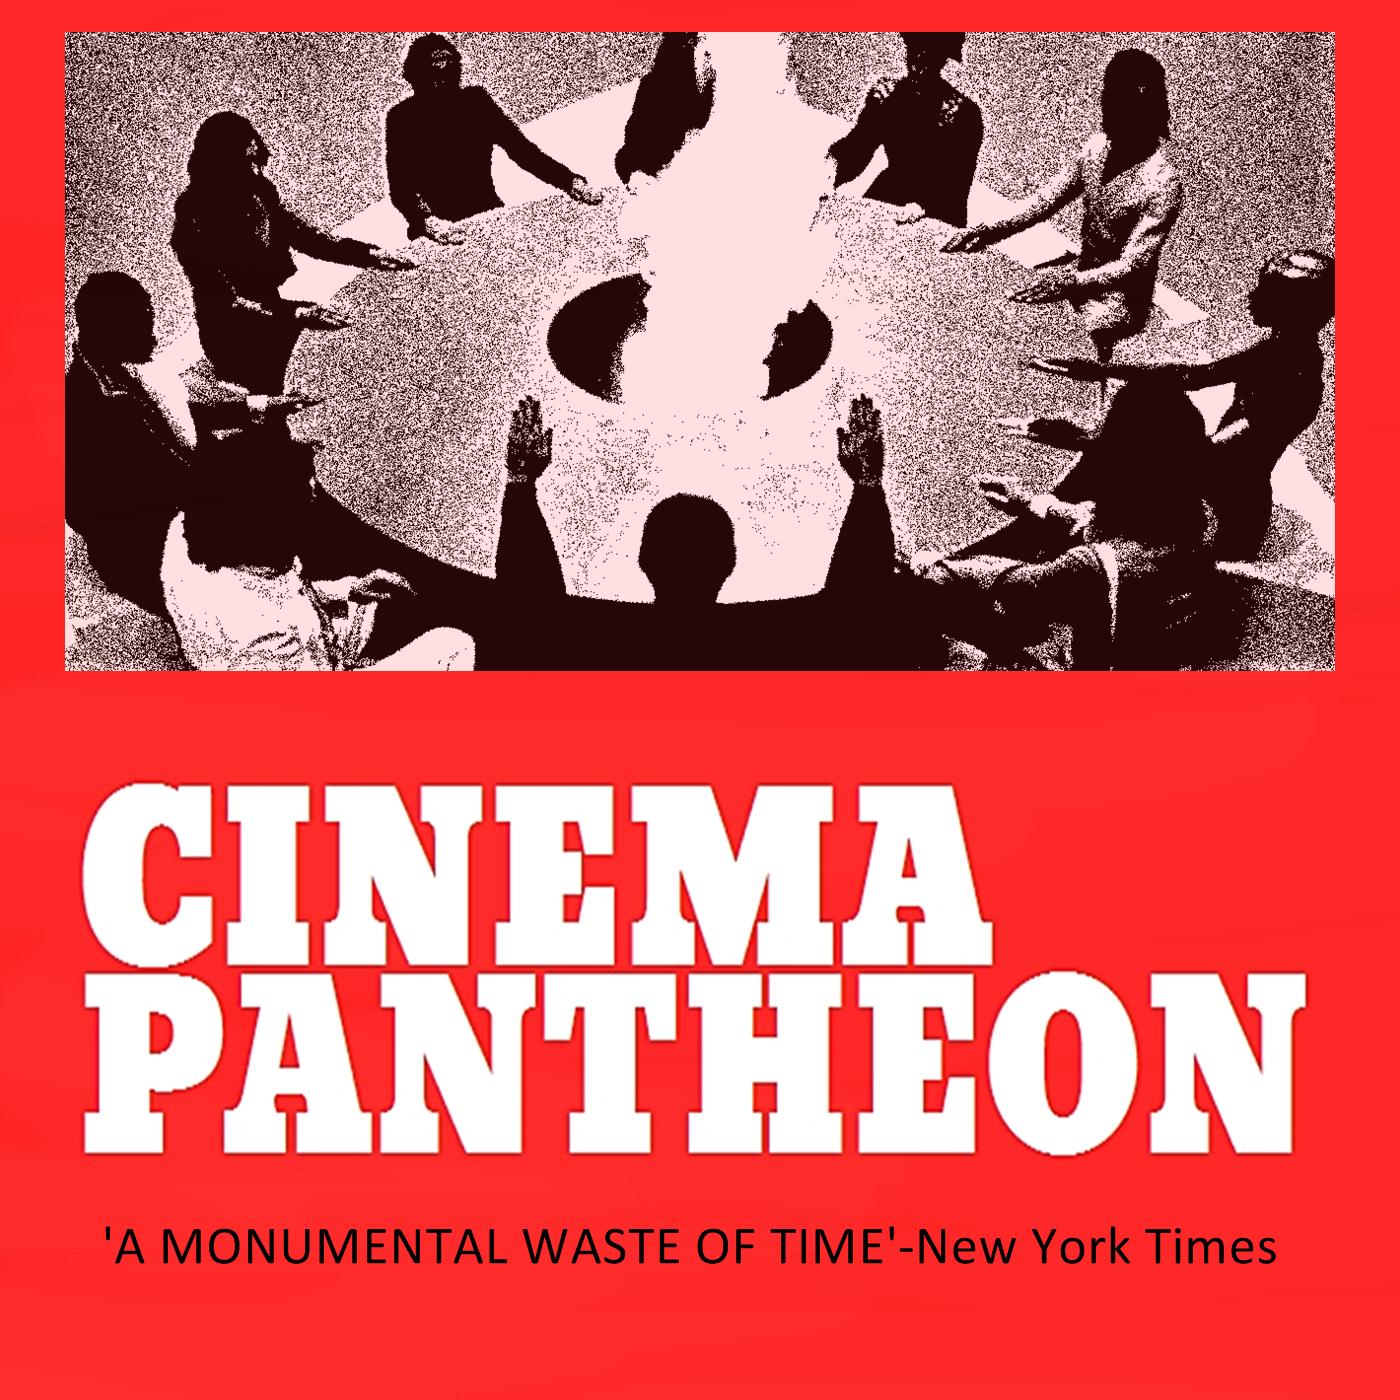 Cinema Pantheon - Cinema Pantheon